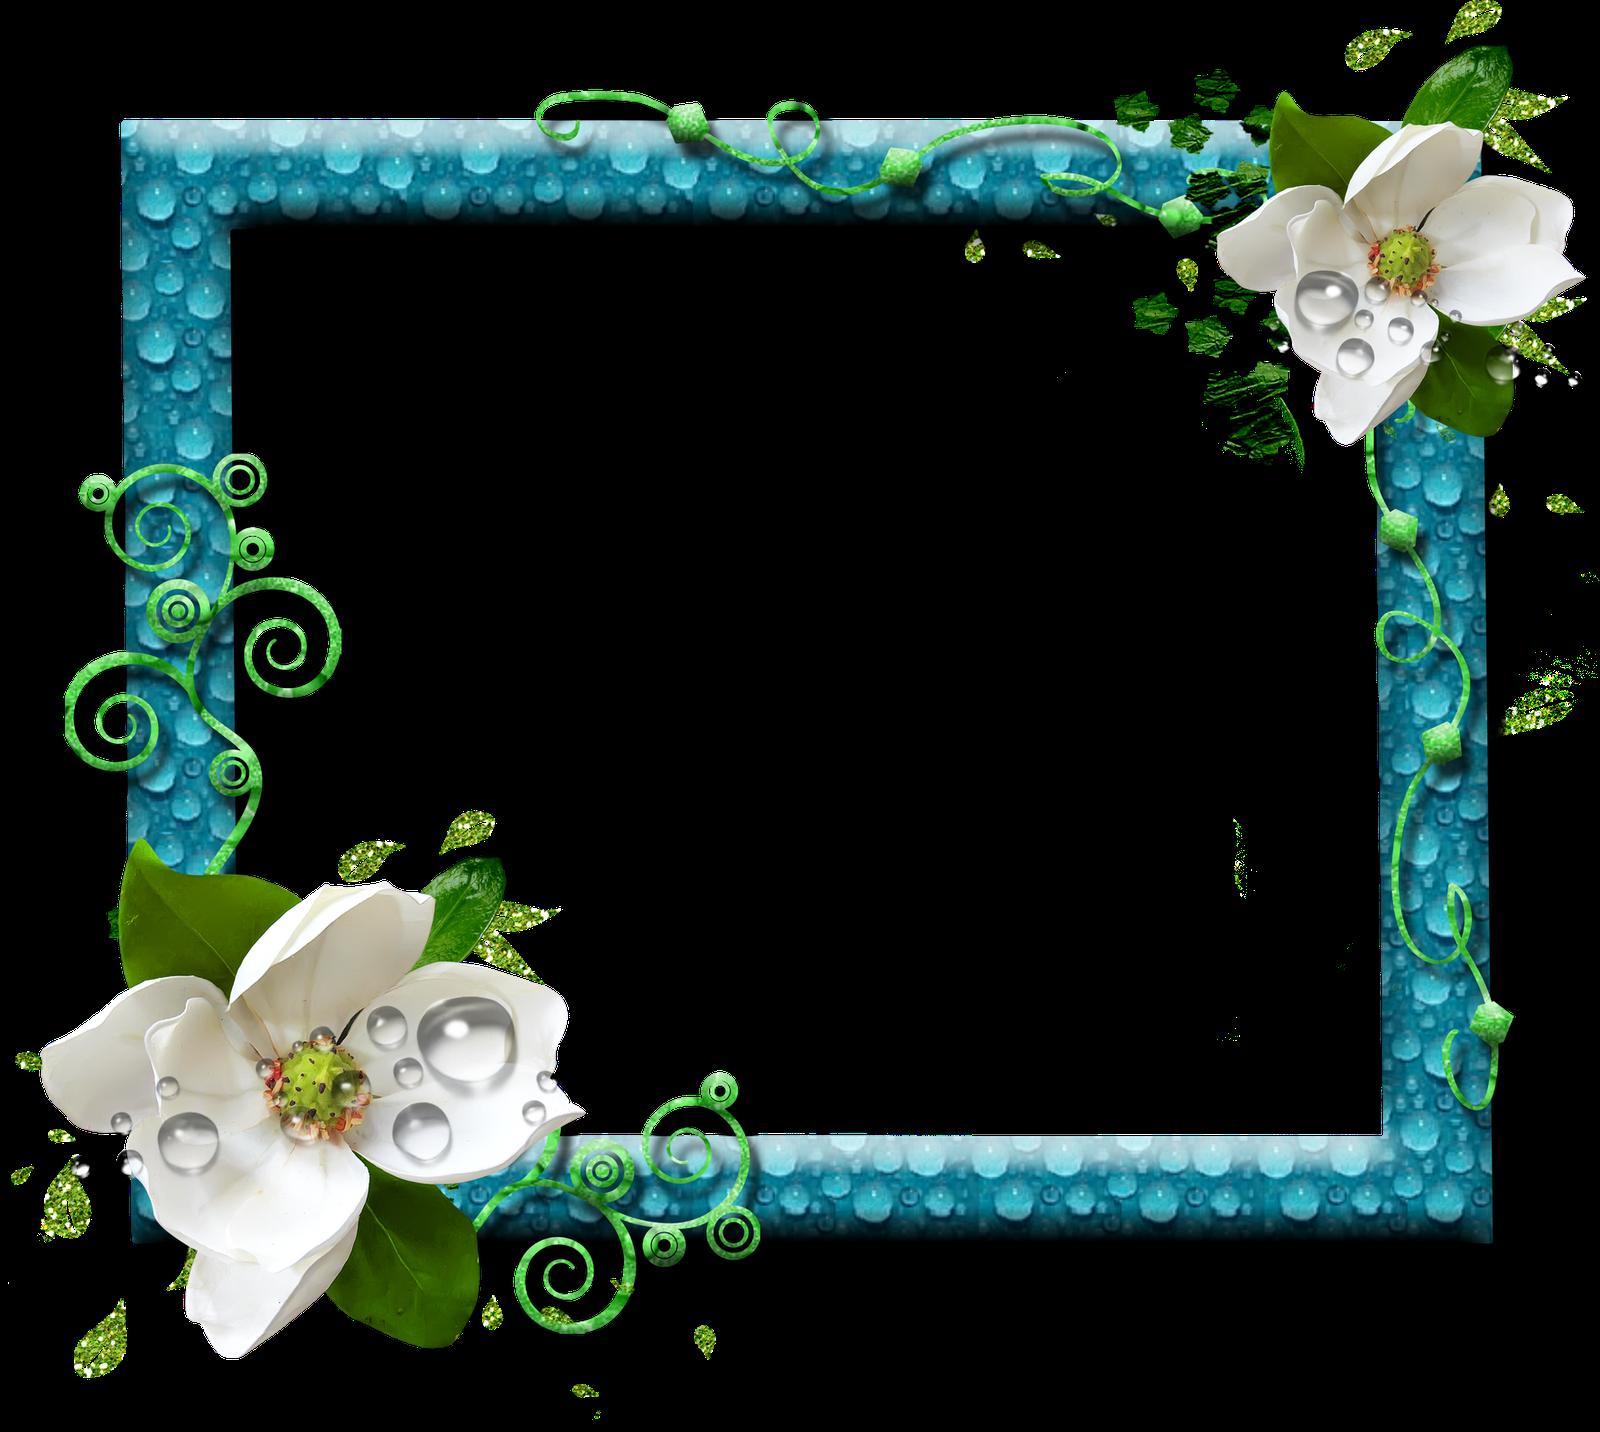 Marcos florales para fotos formato png gratis - Marcos de fotos pared ...